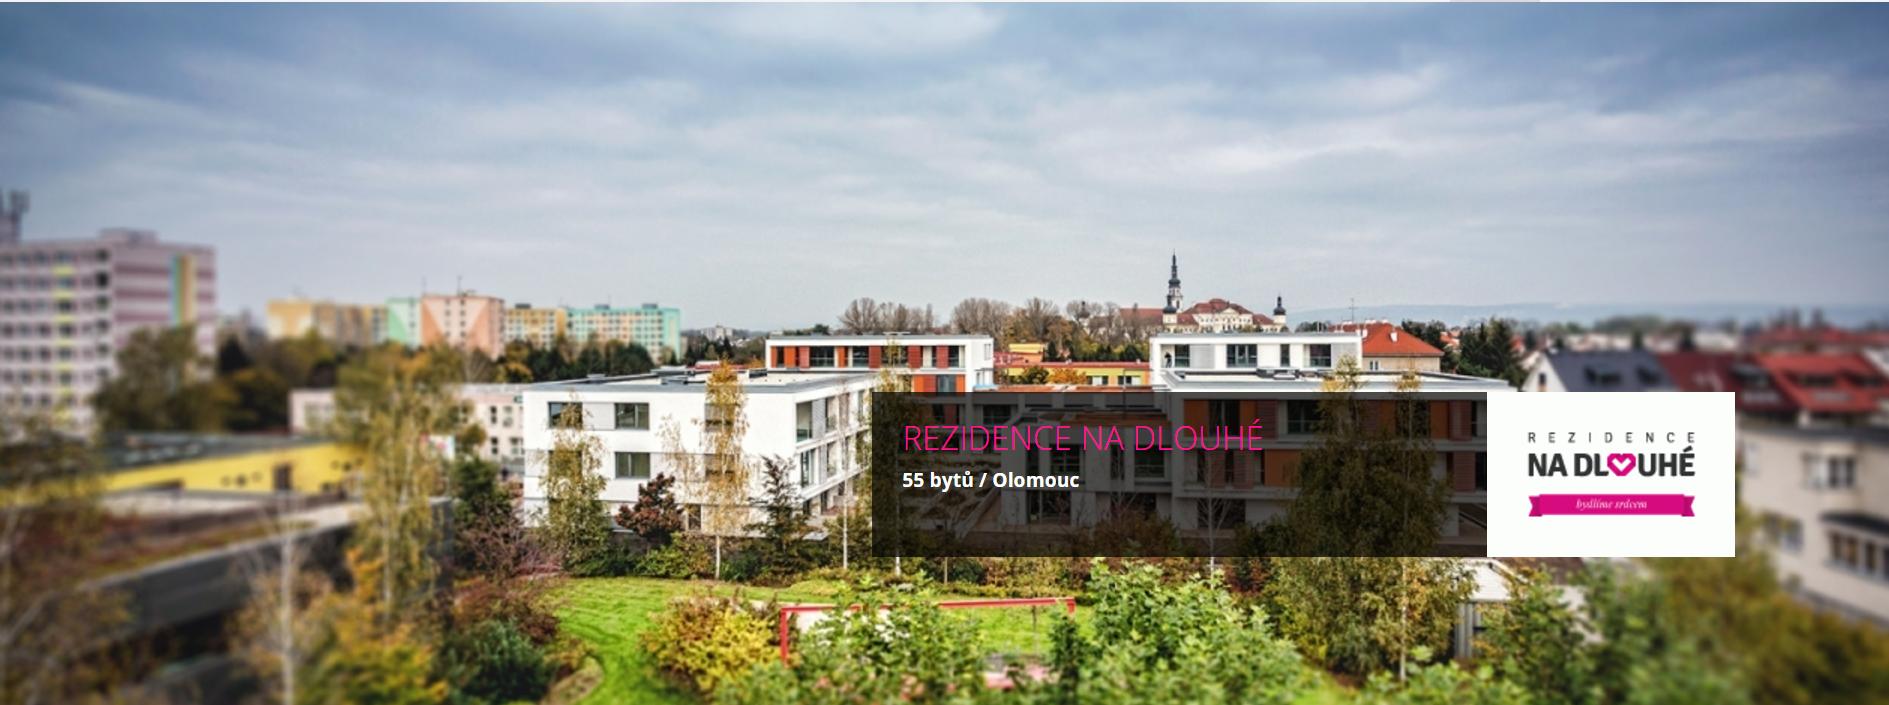 Rezidence na Dlouhé Olomouc